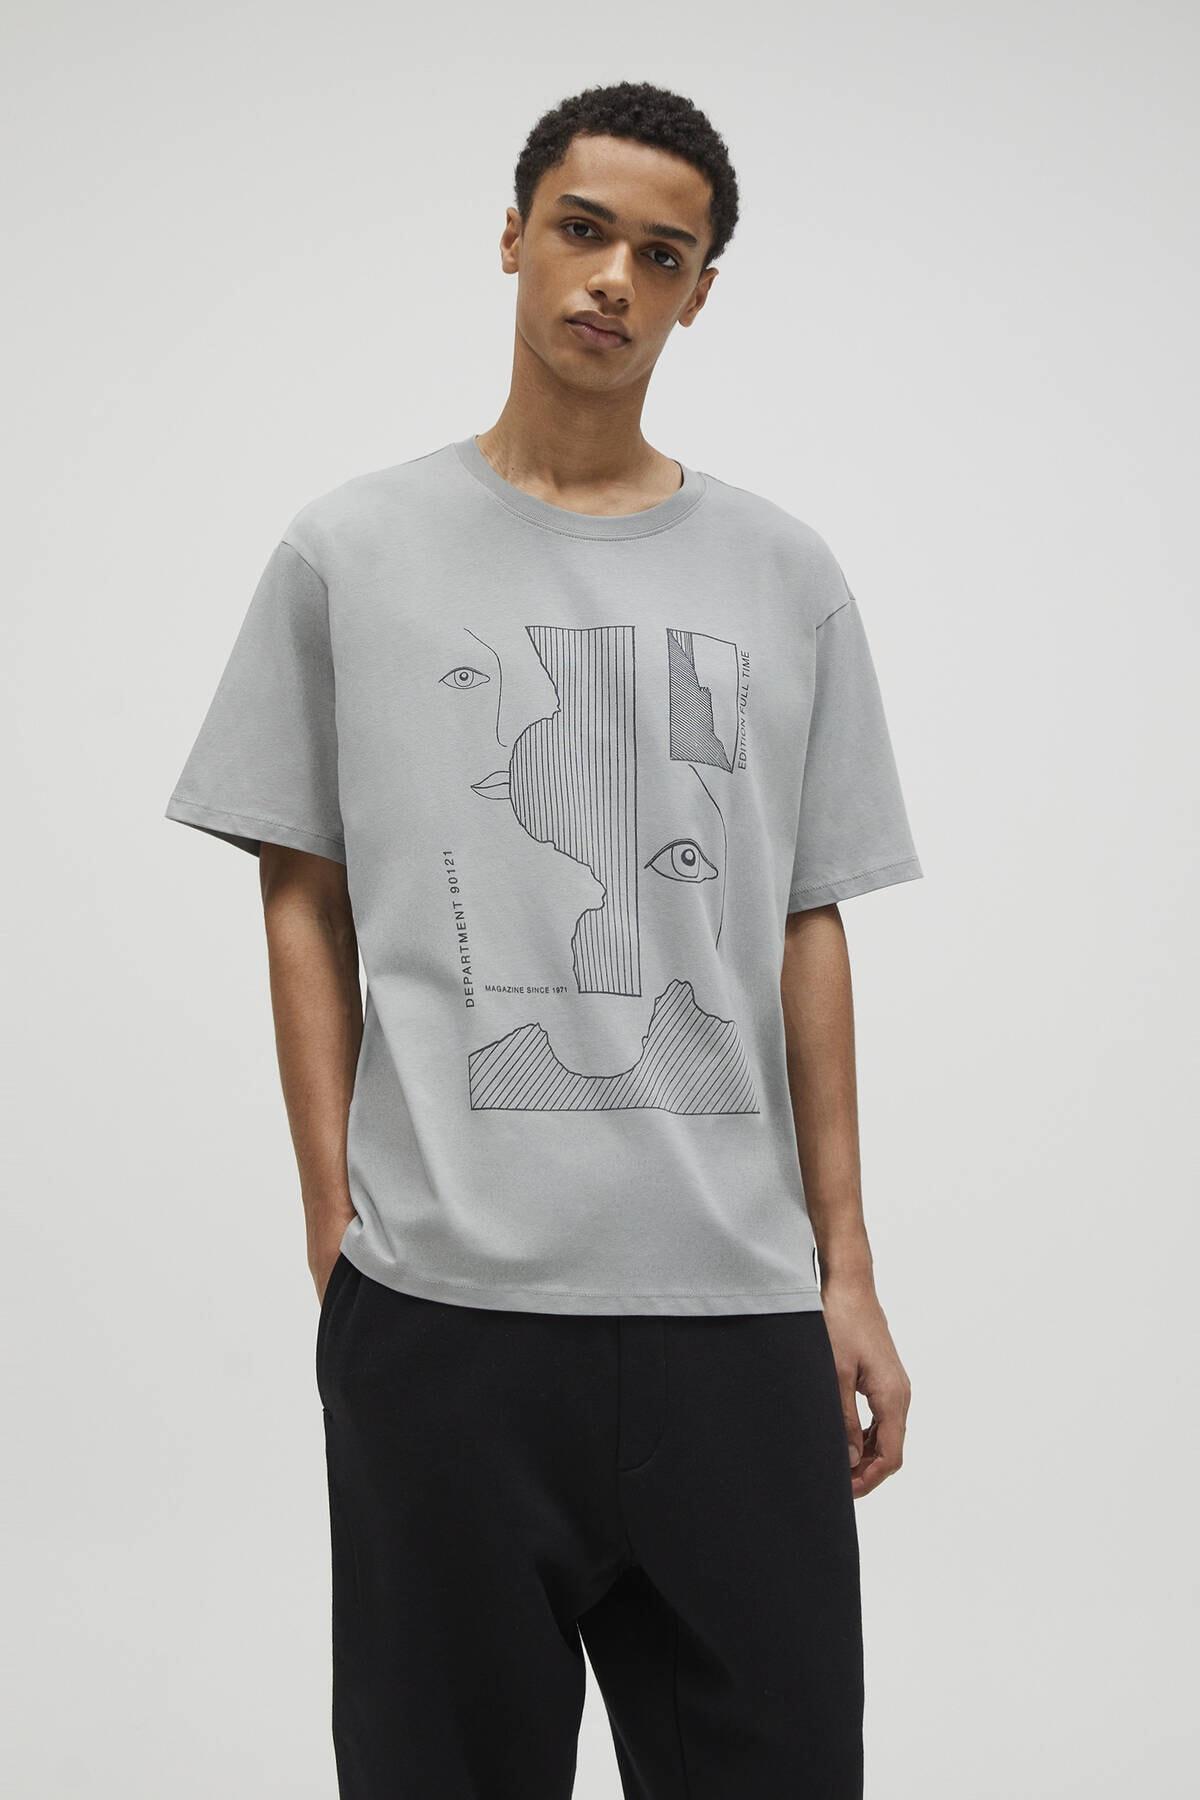 Pull & Bear Erkek Koyu Haki Yüz Profilleri Görselli T-Shirt 04240549